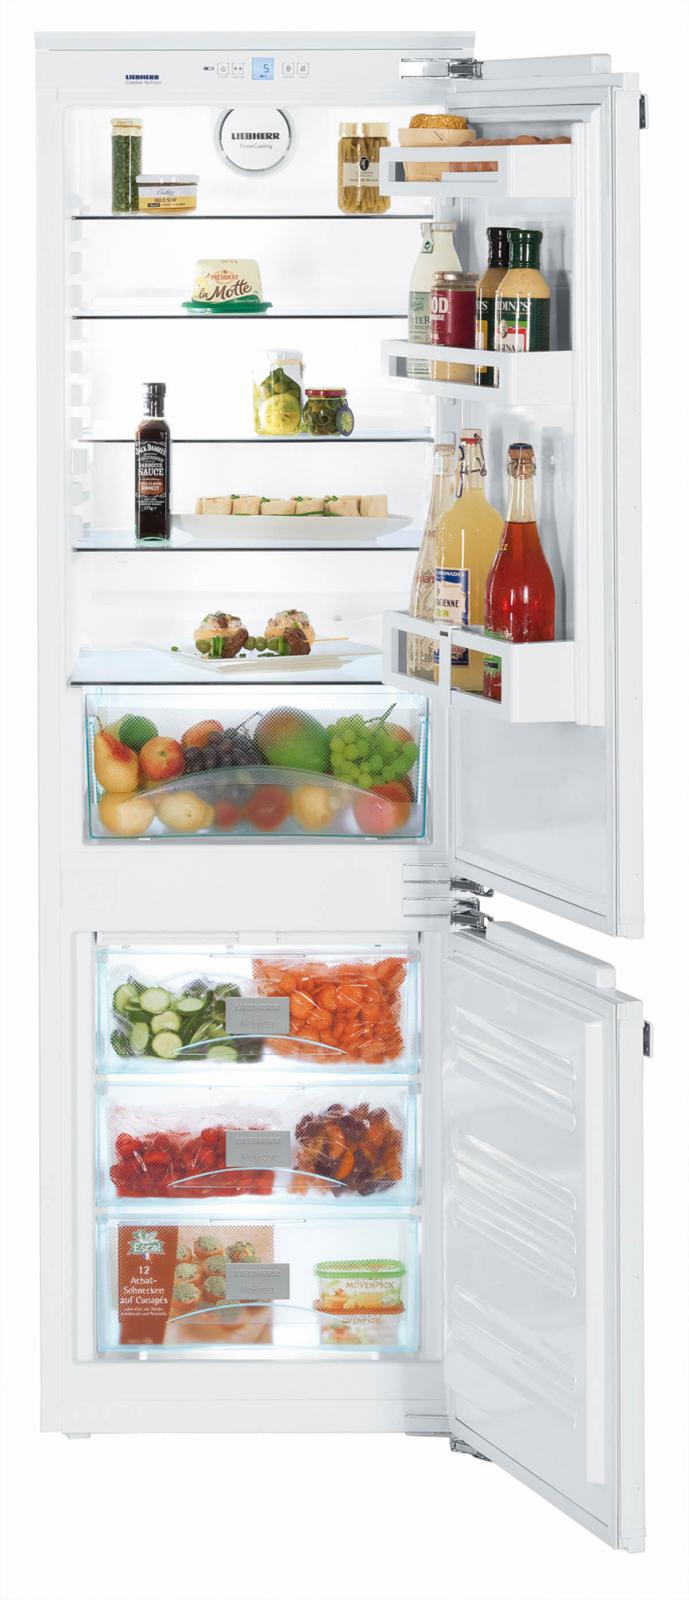 купить Встраиваемый двухкамерный холодильник Liebherr ICUN 3314 Украина фото 0